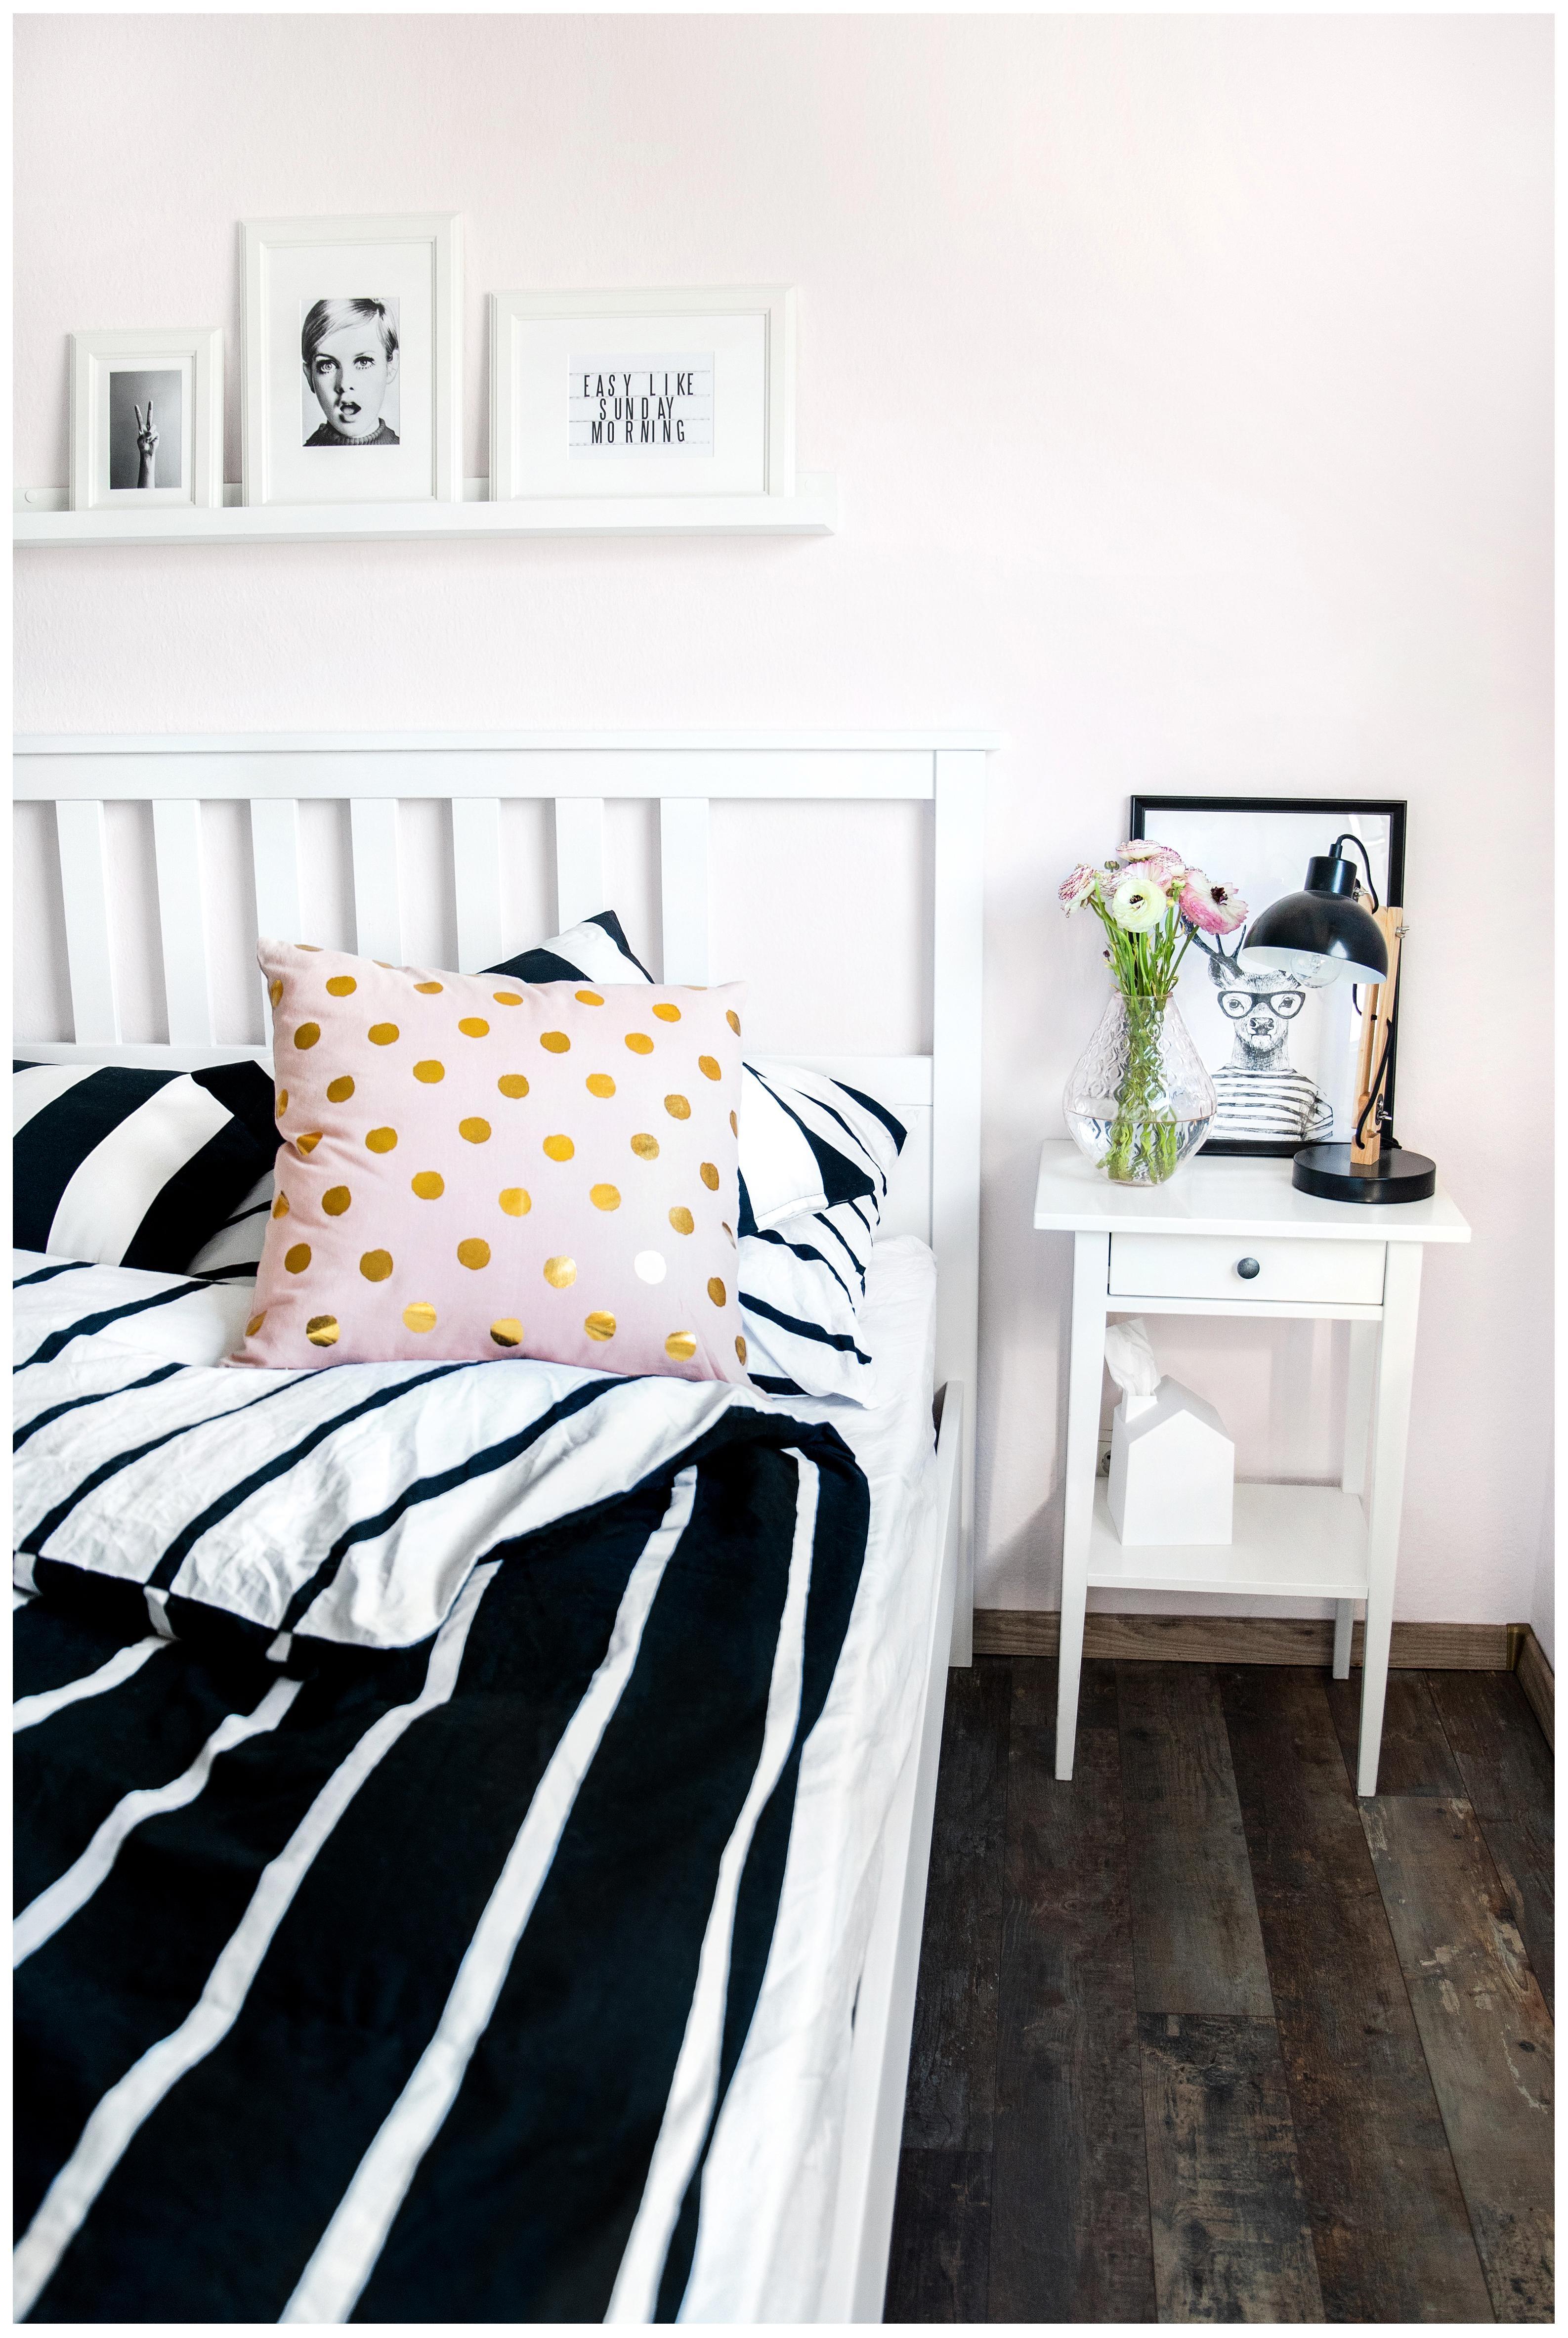 Mein Schlafzimmer, ein hauch von Rosa. #schlafzimmer...